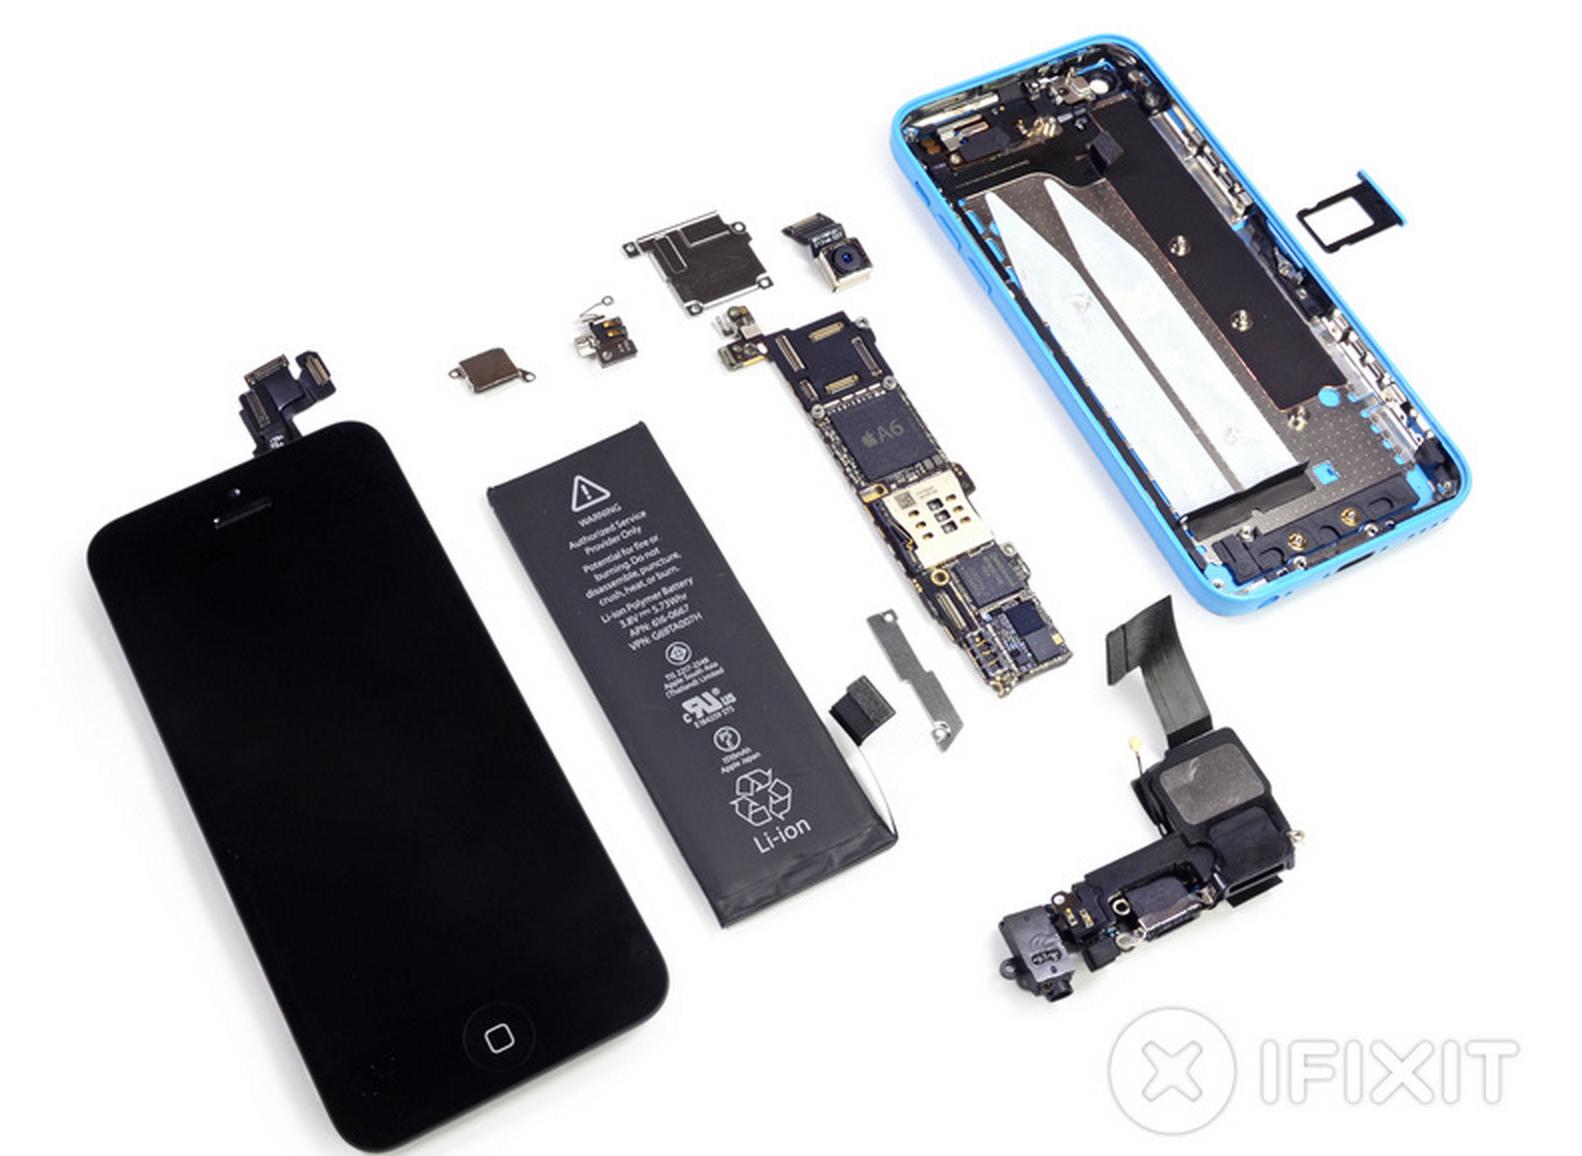 iPhone-5c-teardown